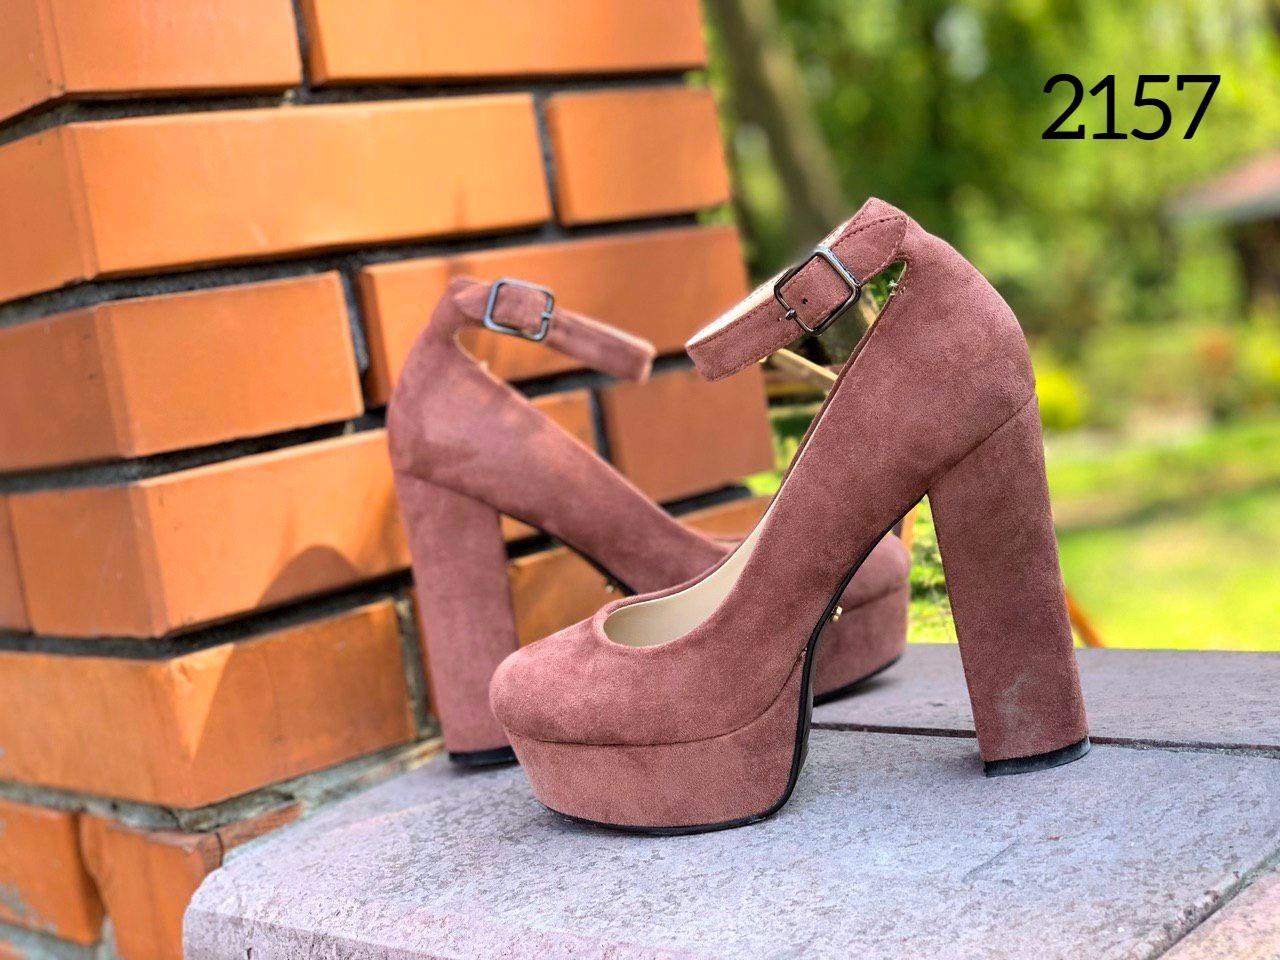 ХИТ ПРОДАЖ!! Туфли женские. Весна-осень 2020. Арт.2157